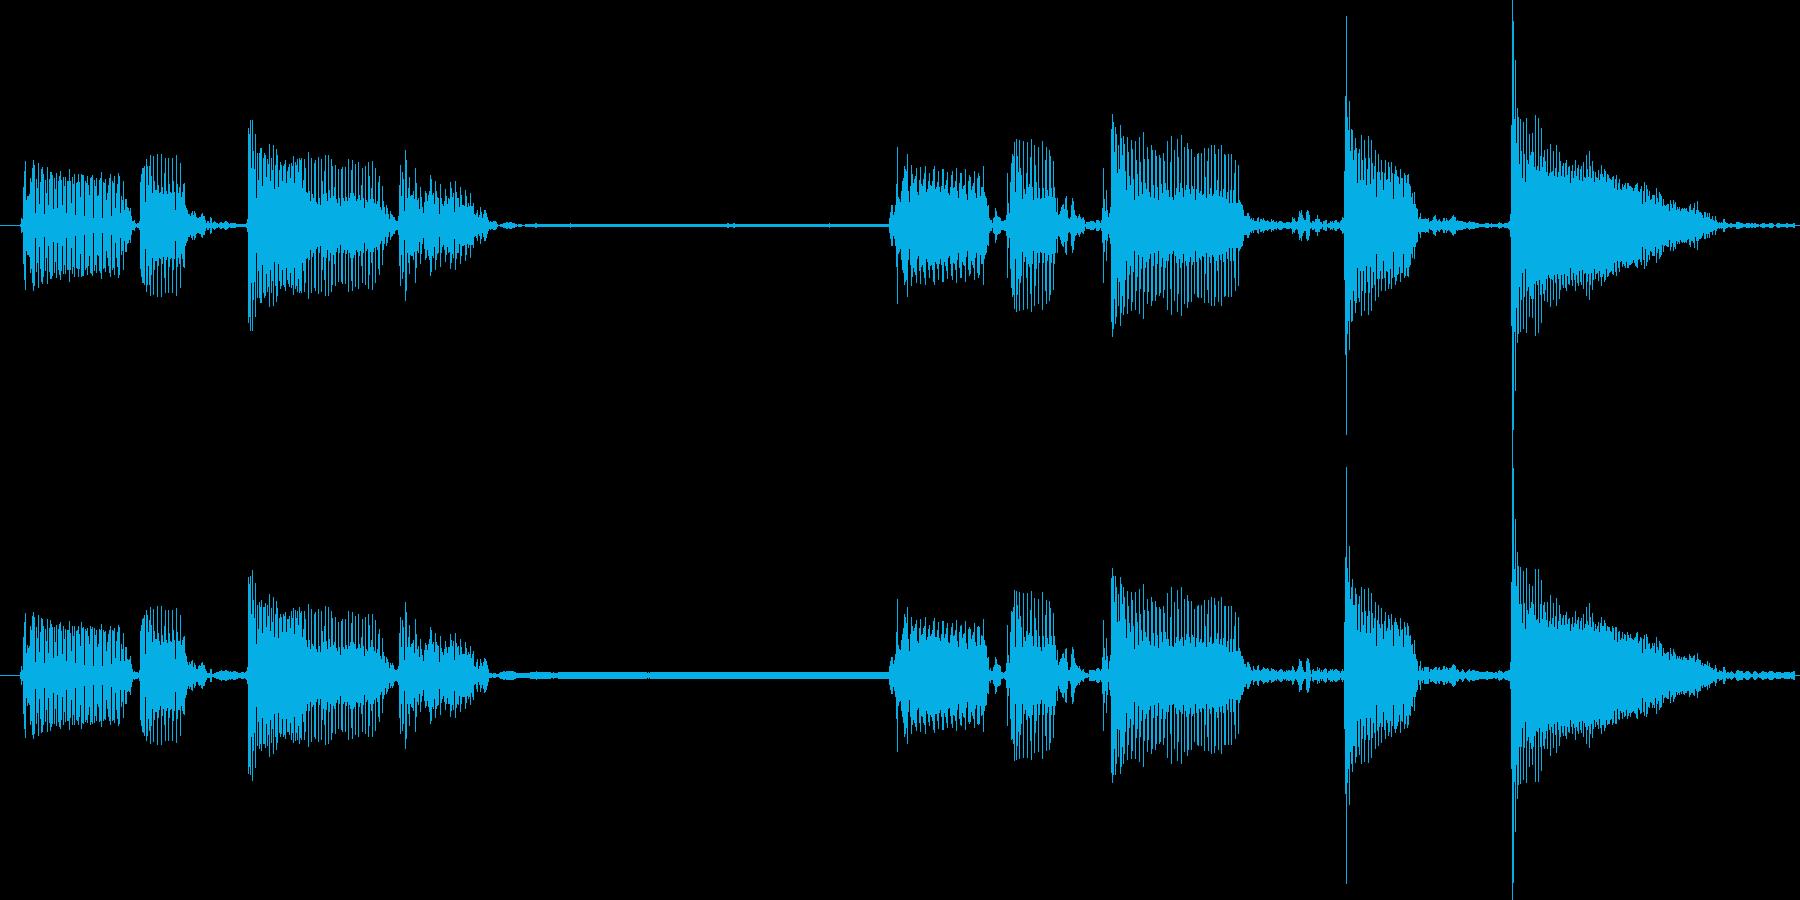 クールでファンクなスラップベースソロ素材の再生済みの波形